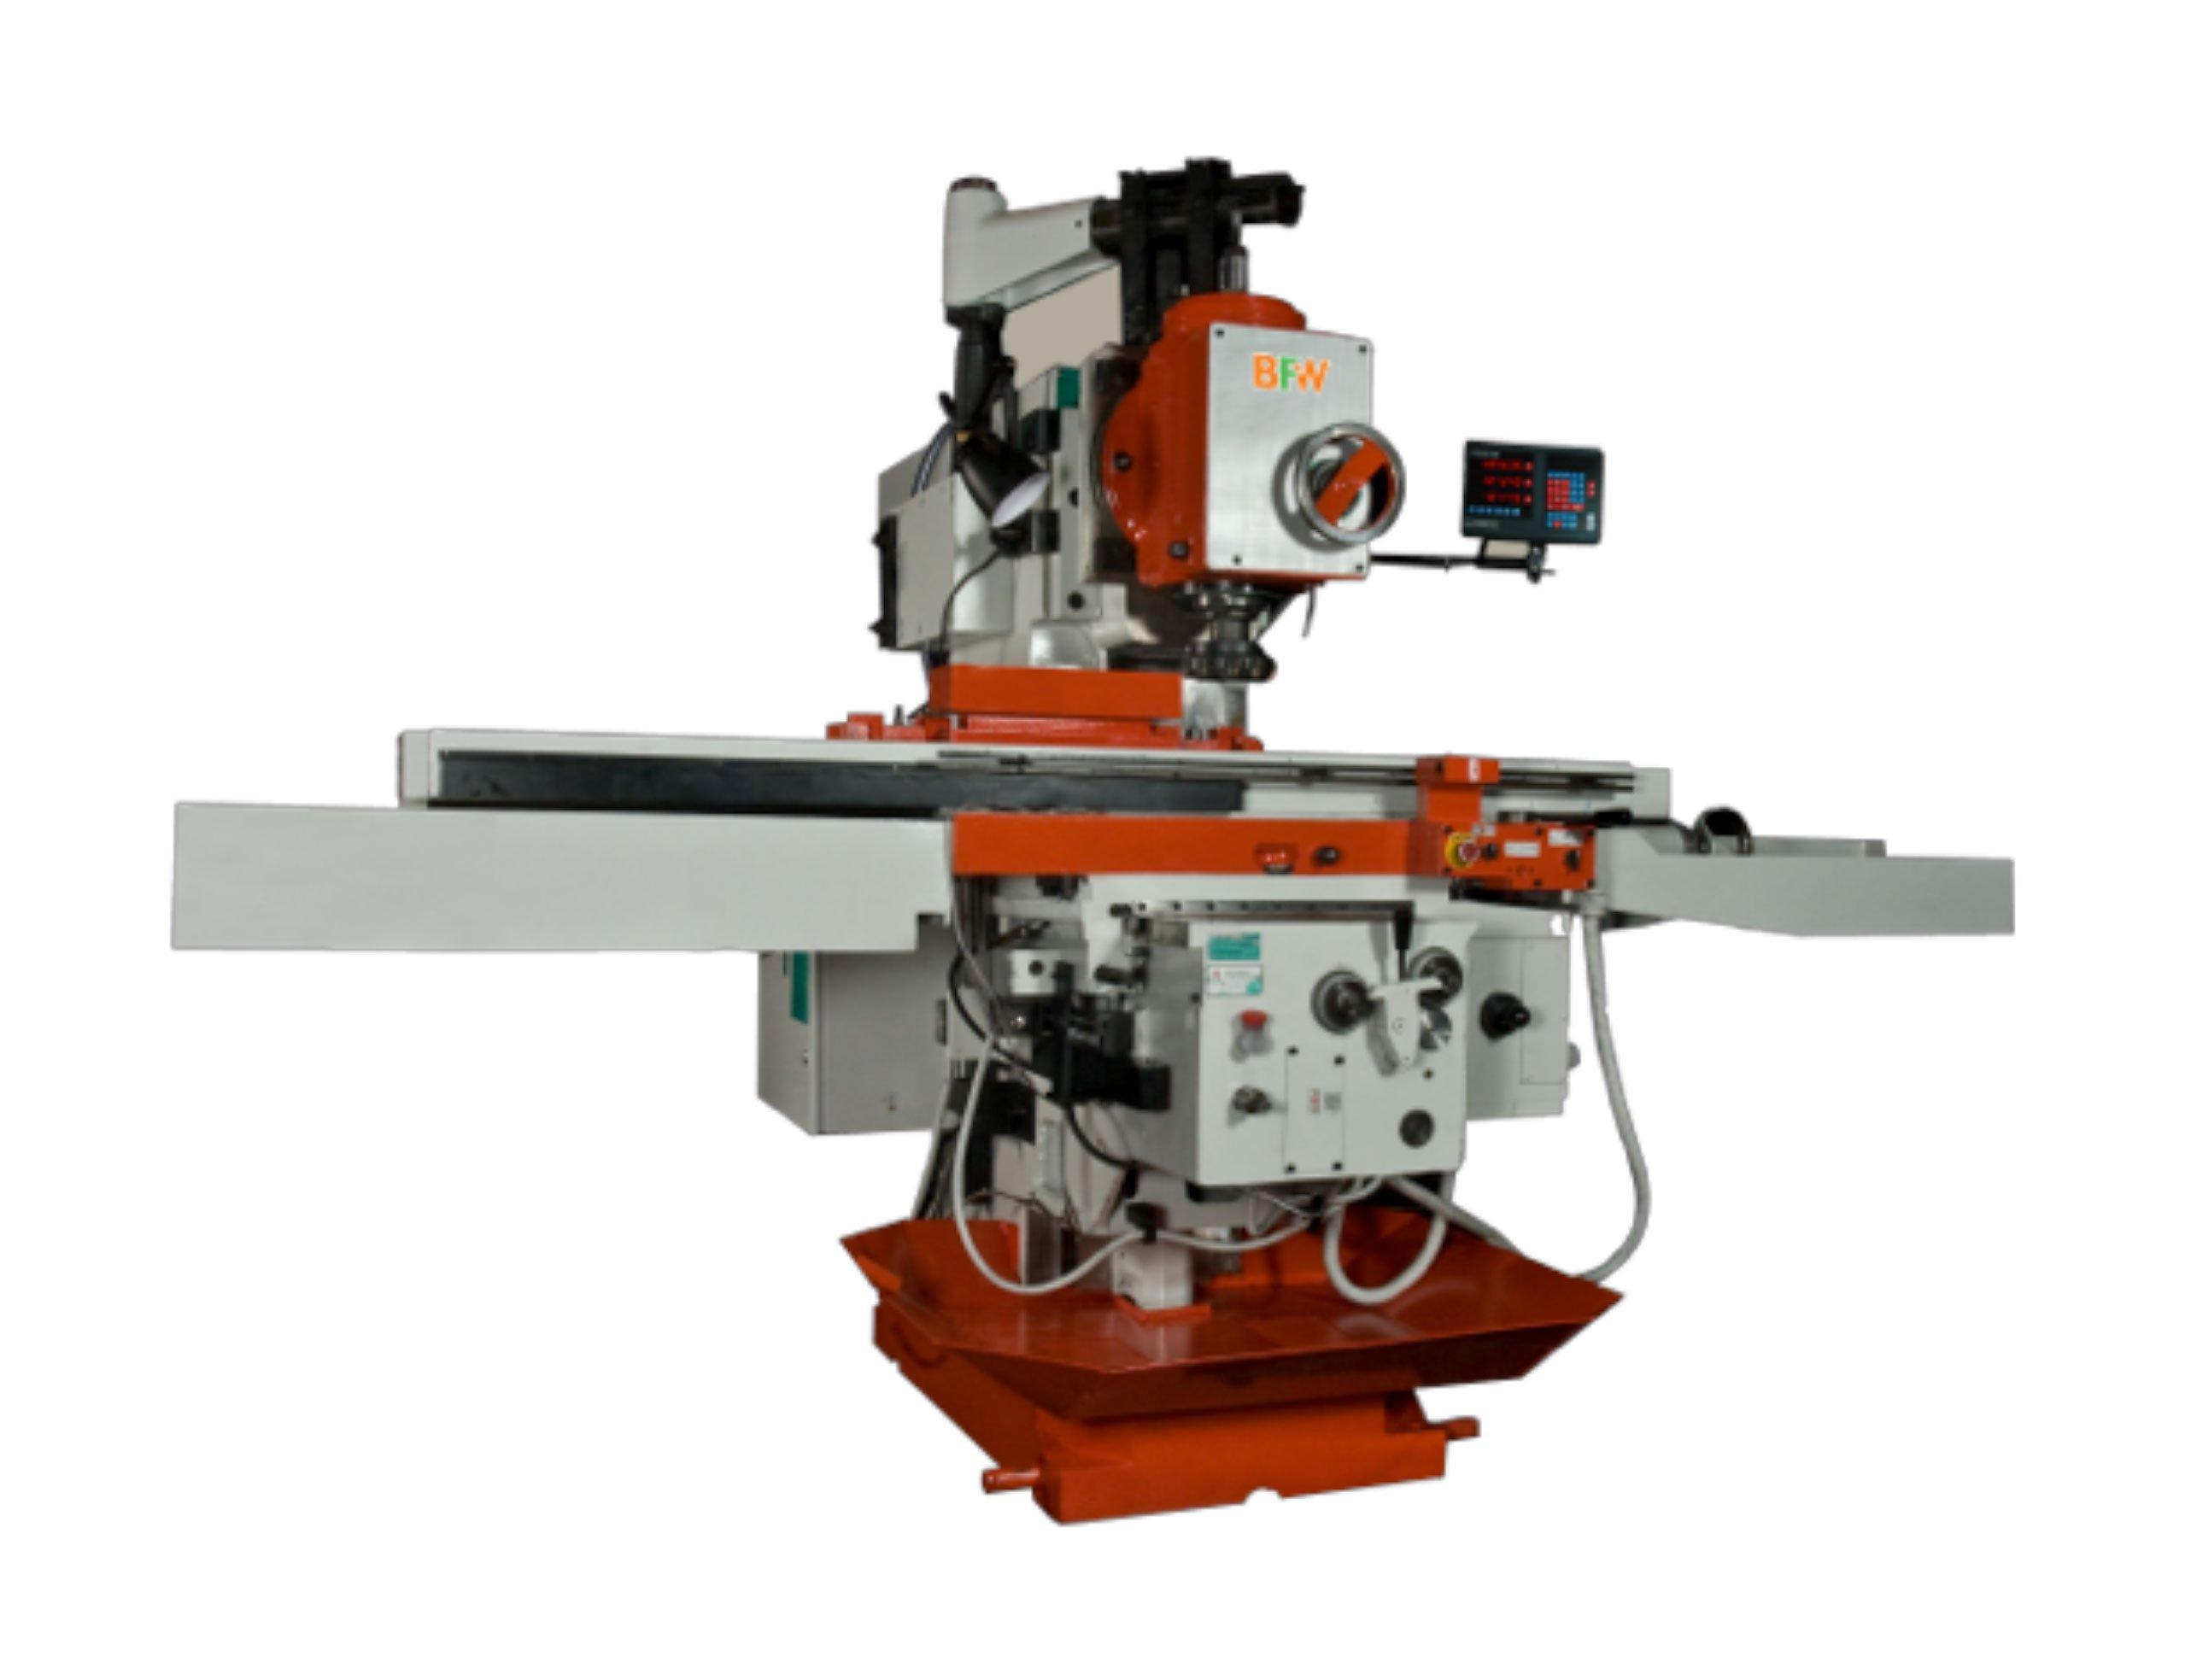 Bharat Fritz Werner Conventional Milling Machine